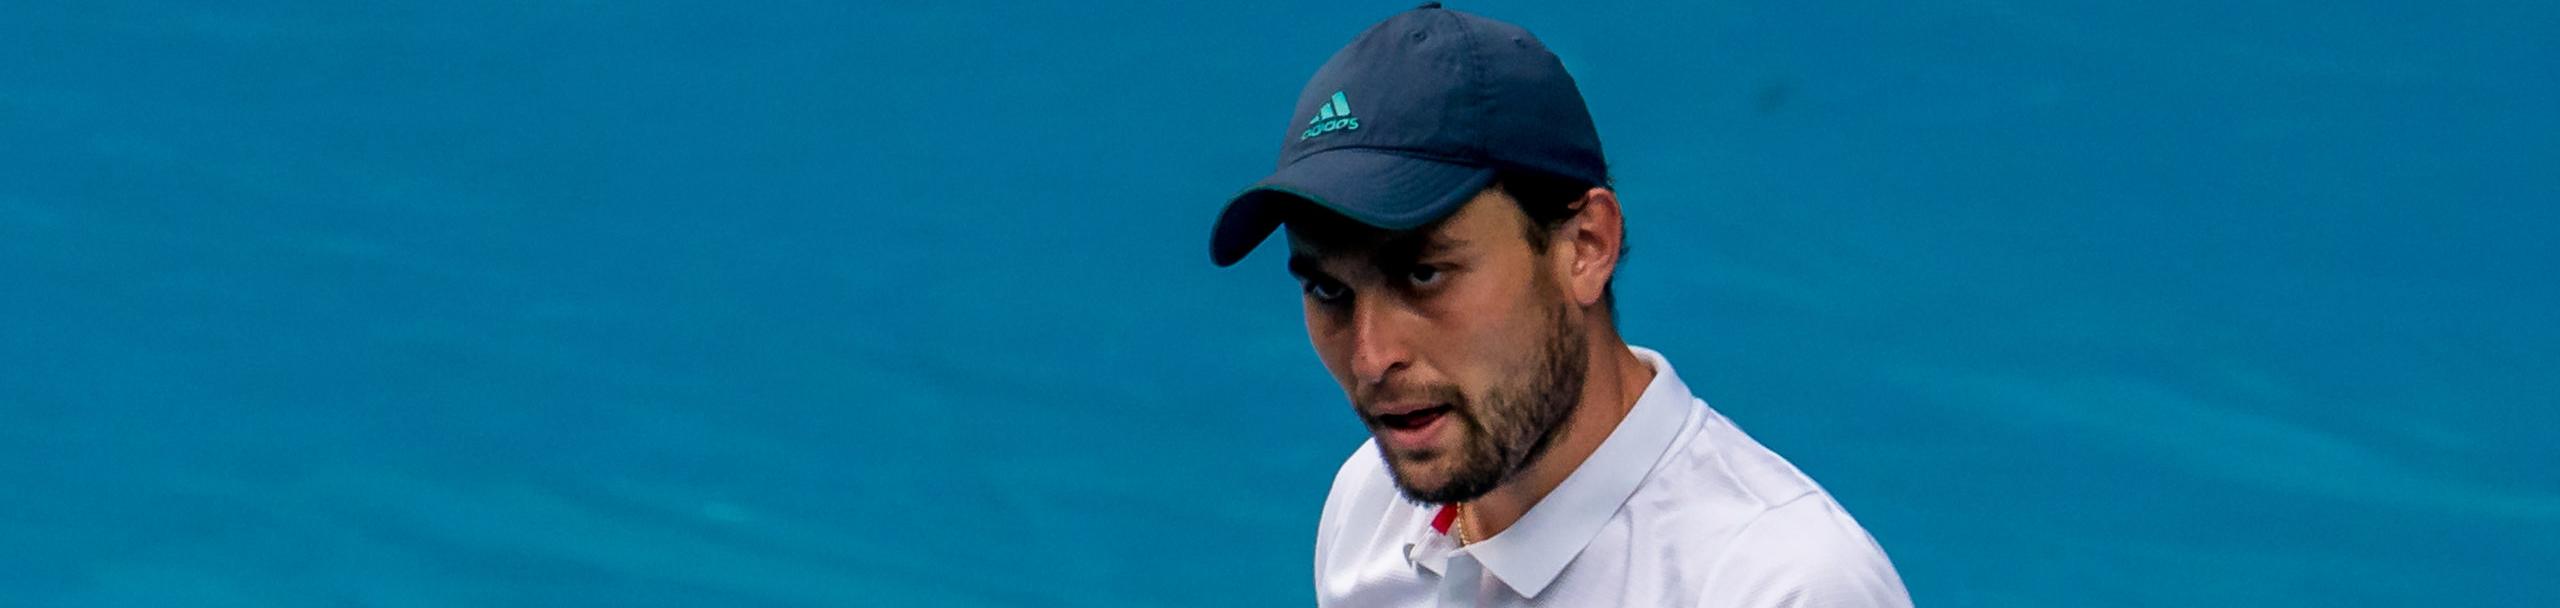 Pronostici Australian Open: Djokovic e la sorpresa Karatsev per la finale, Williams per la storia